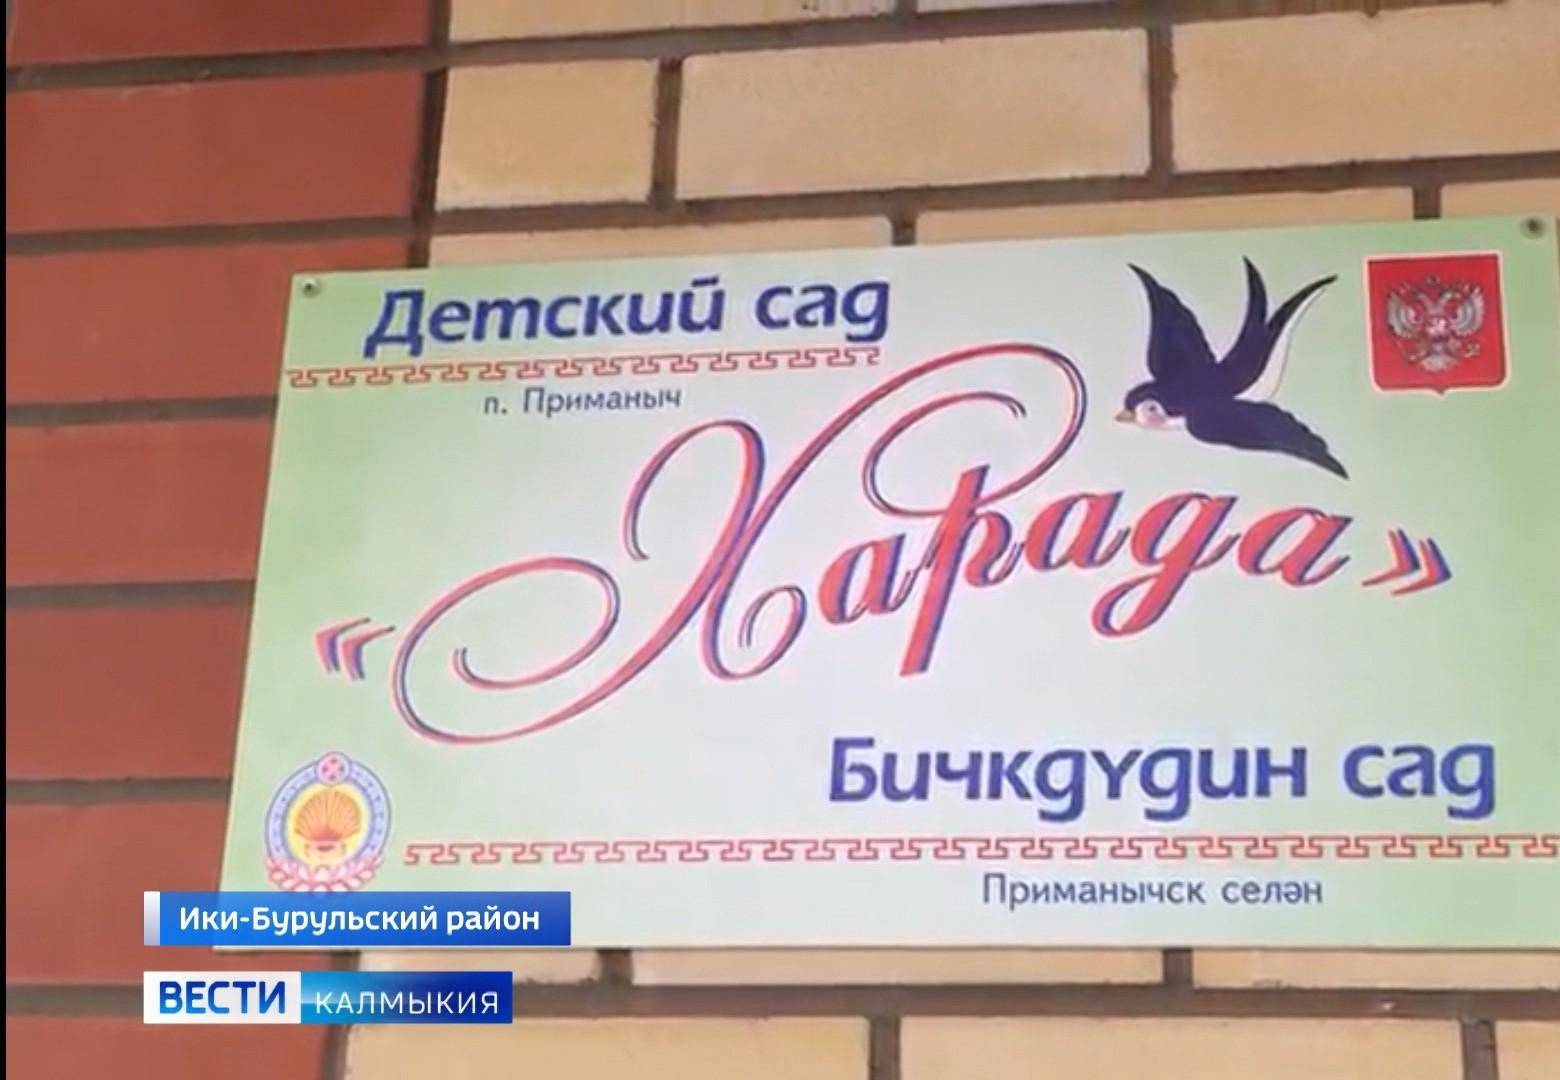 Сегодня детский сад открылся в поселке Приманыч Ики-Бурульского района